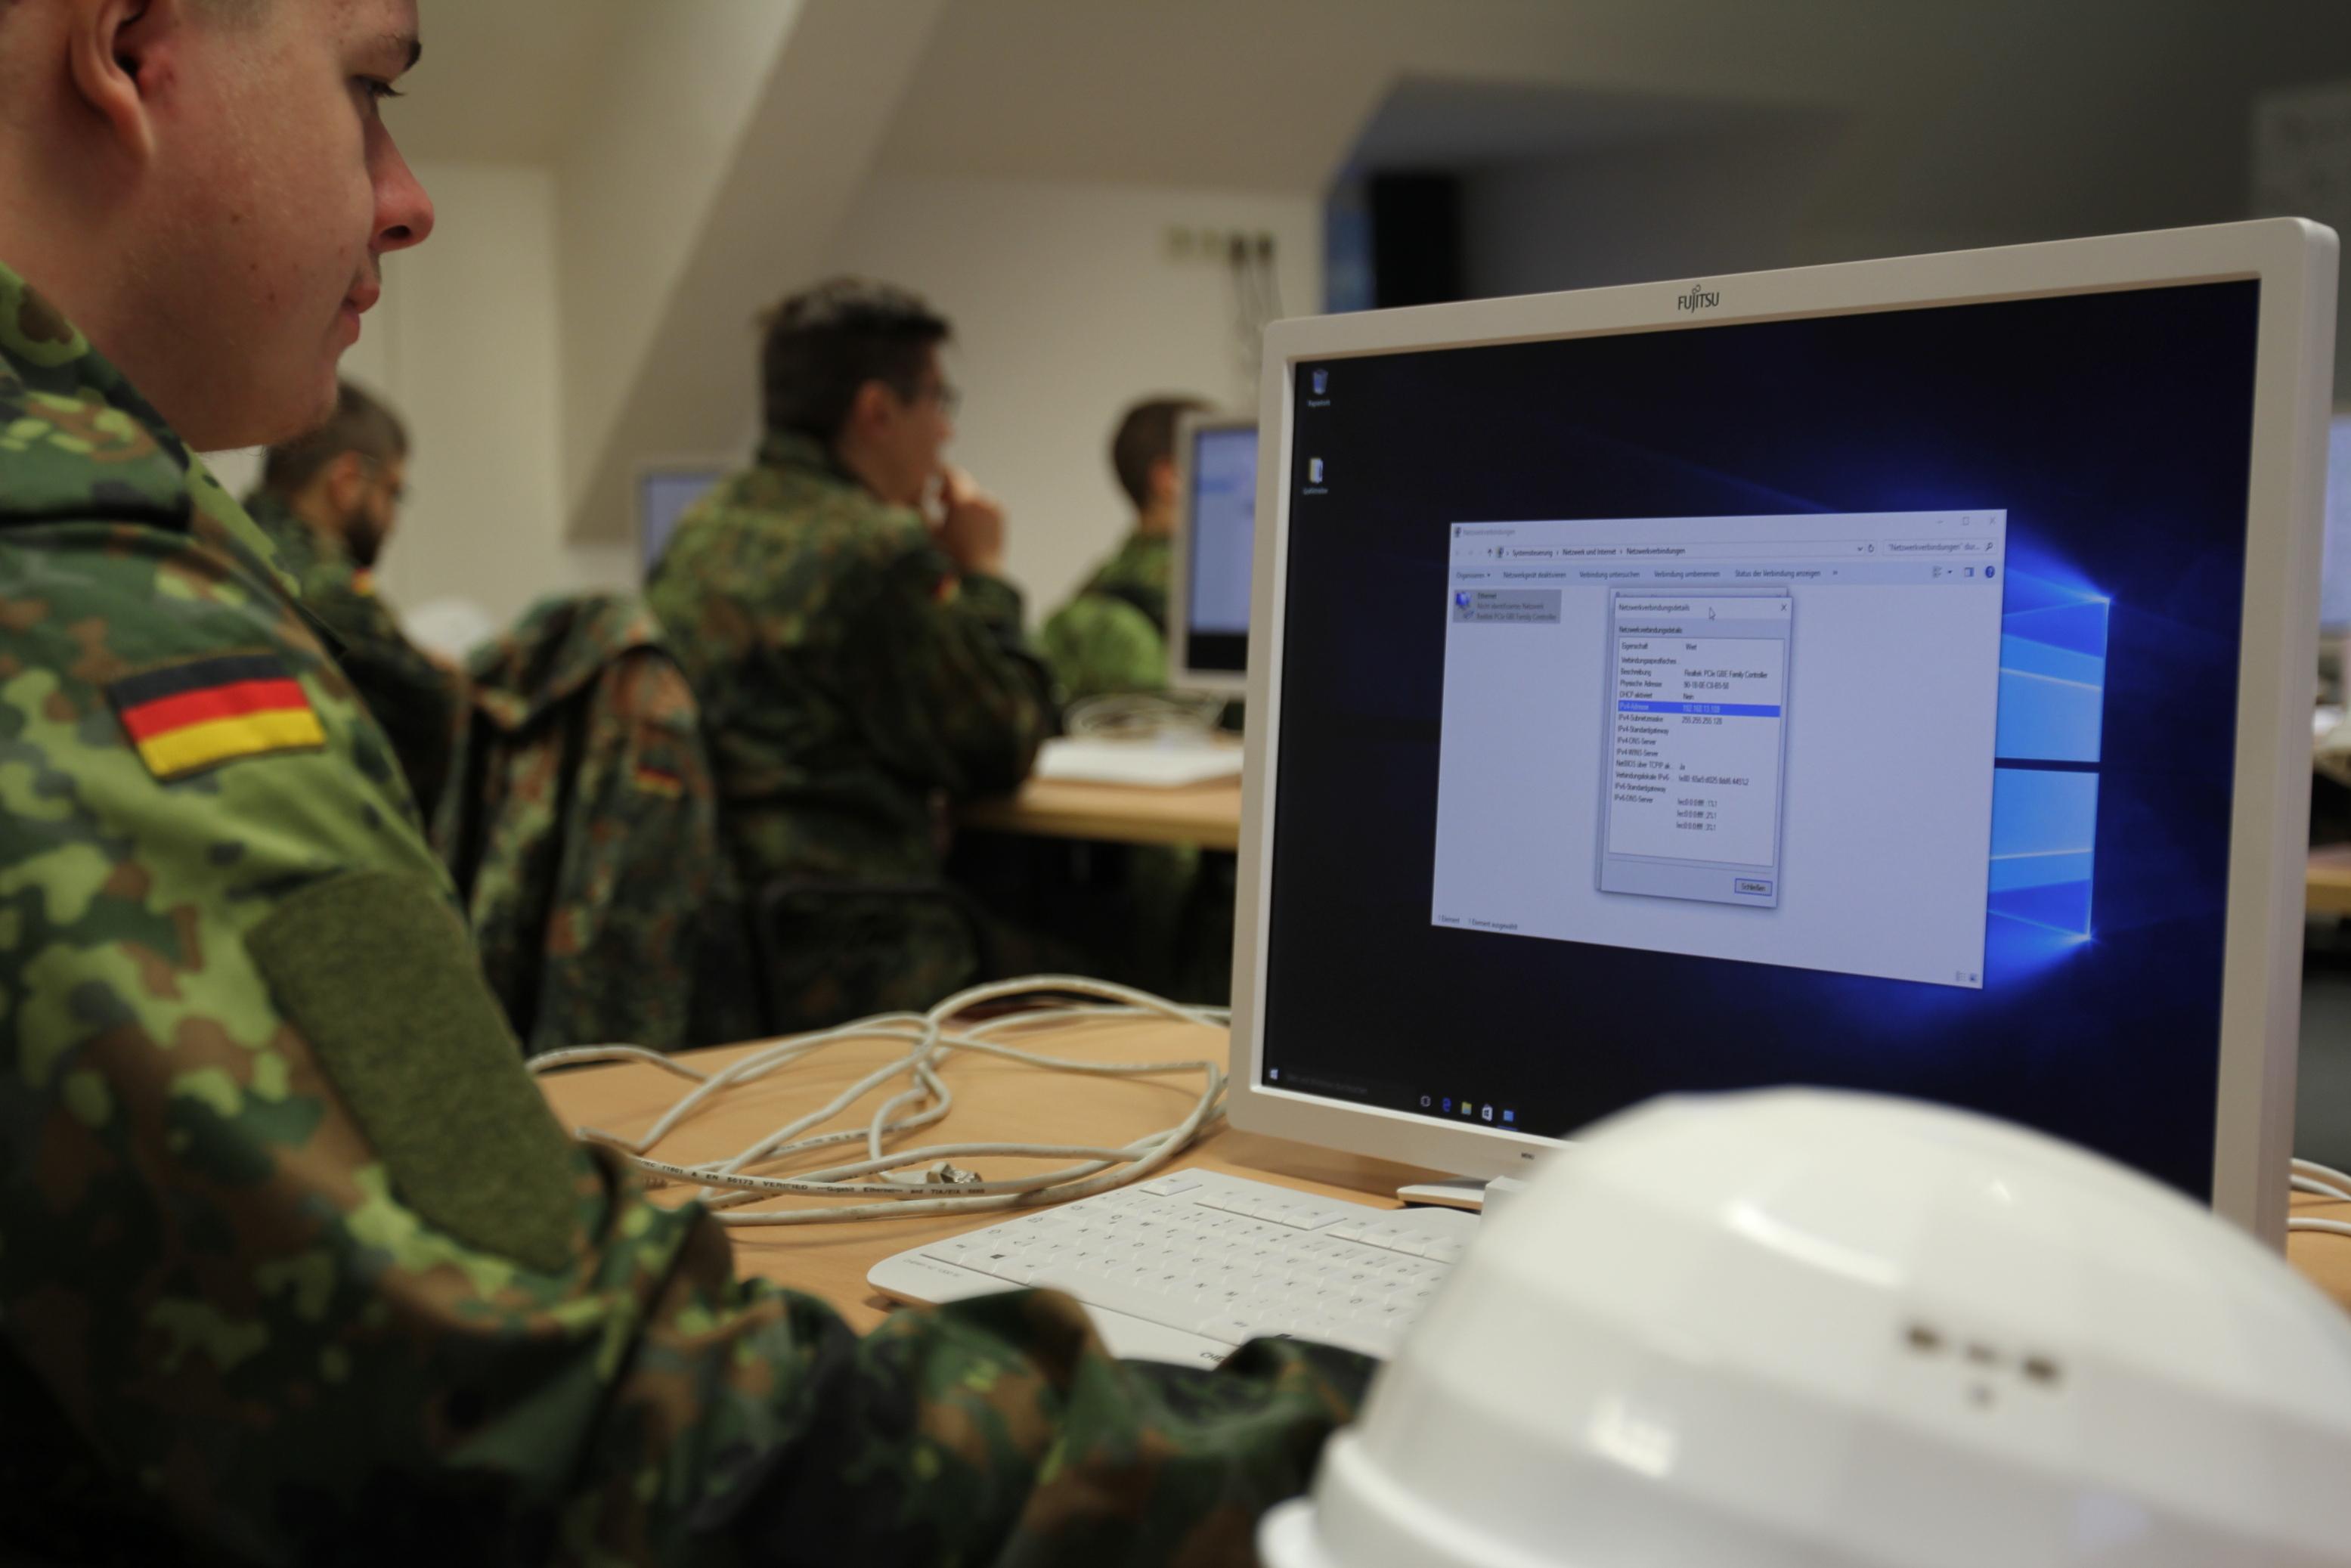 IT-Camp beim Informationstechnikbataillon 292